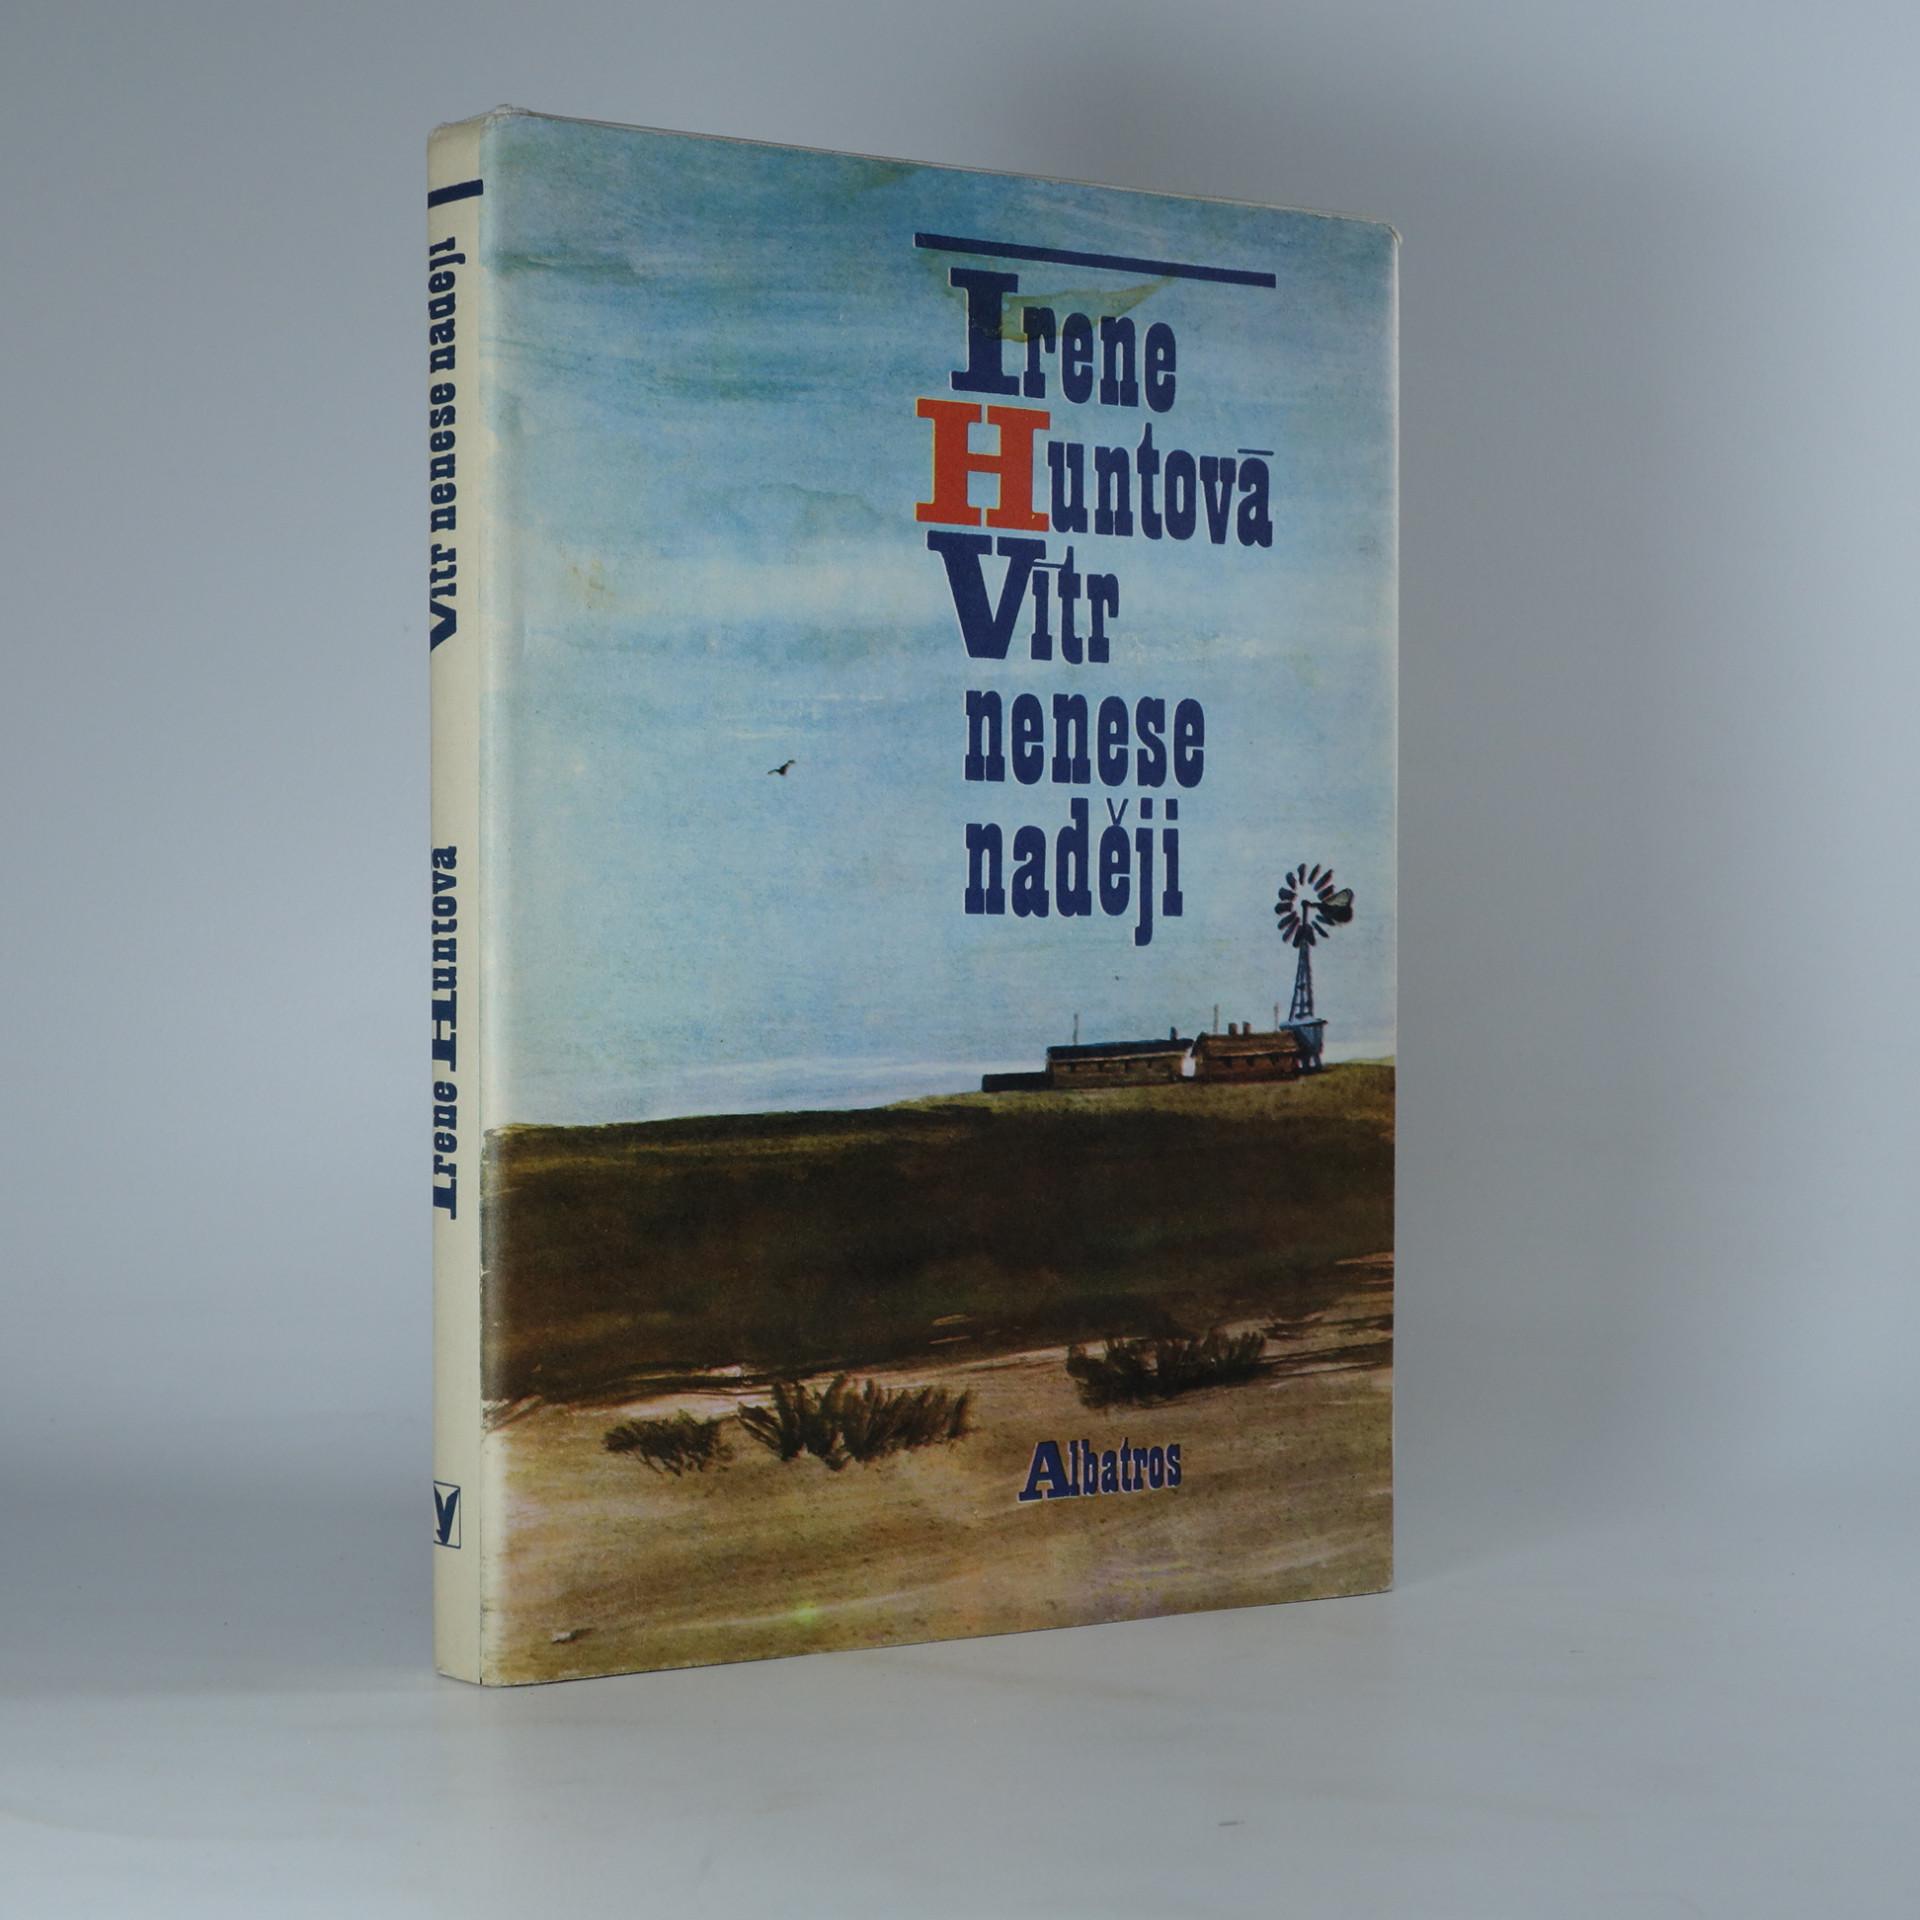 antikvární kniha Vítr nenese naději, 1975